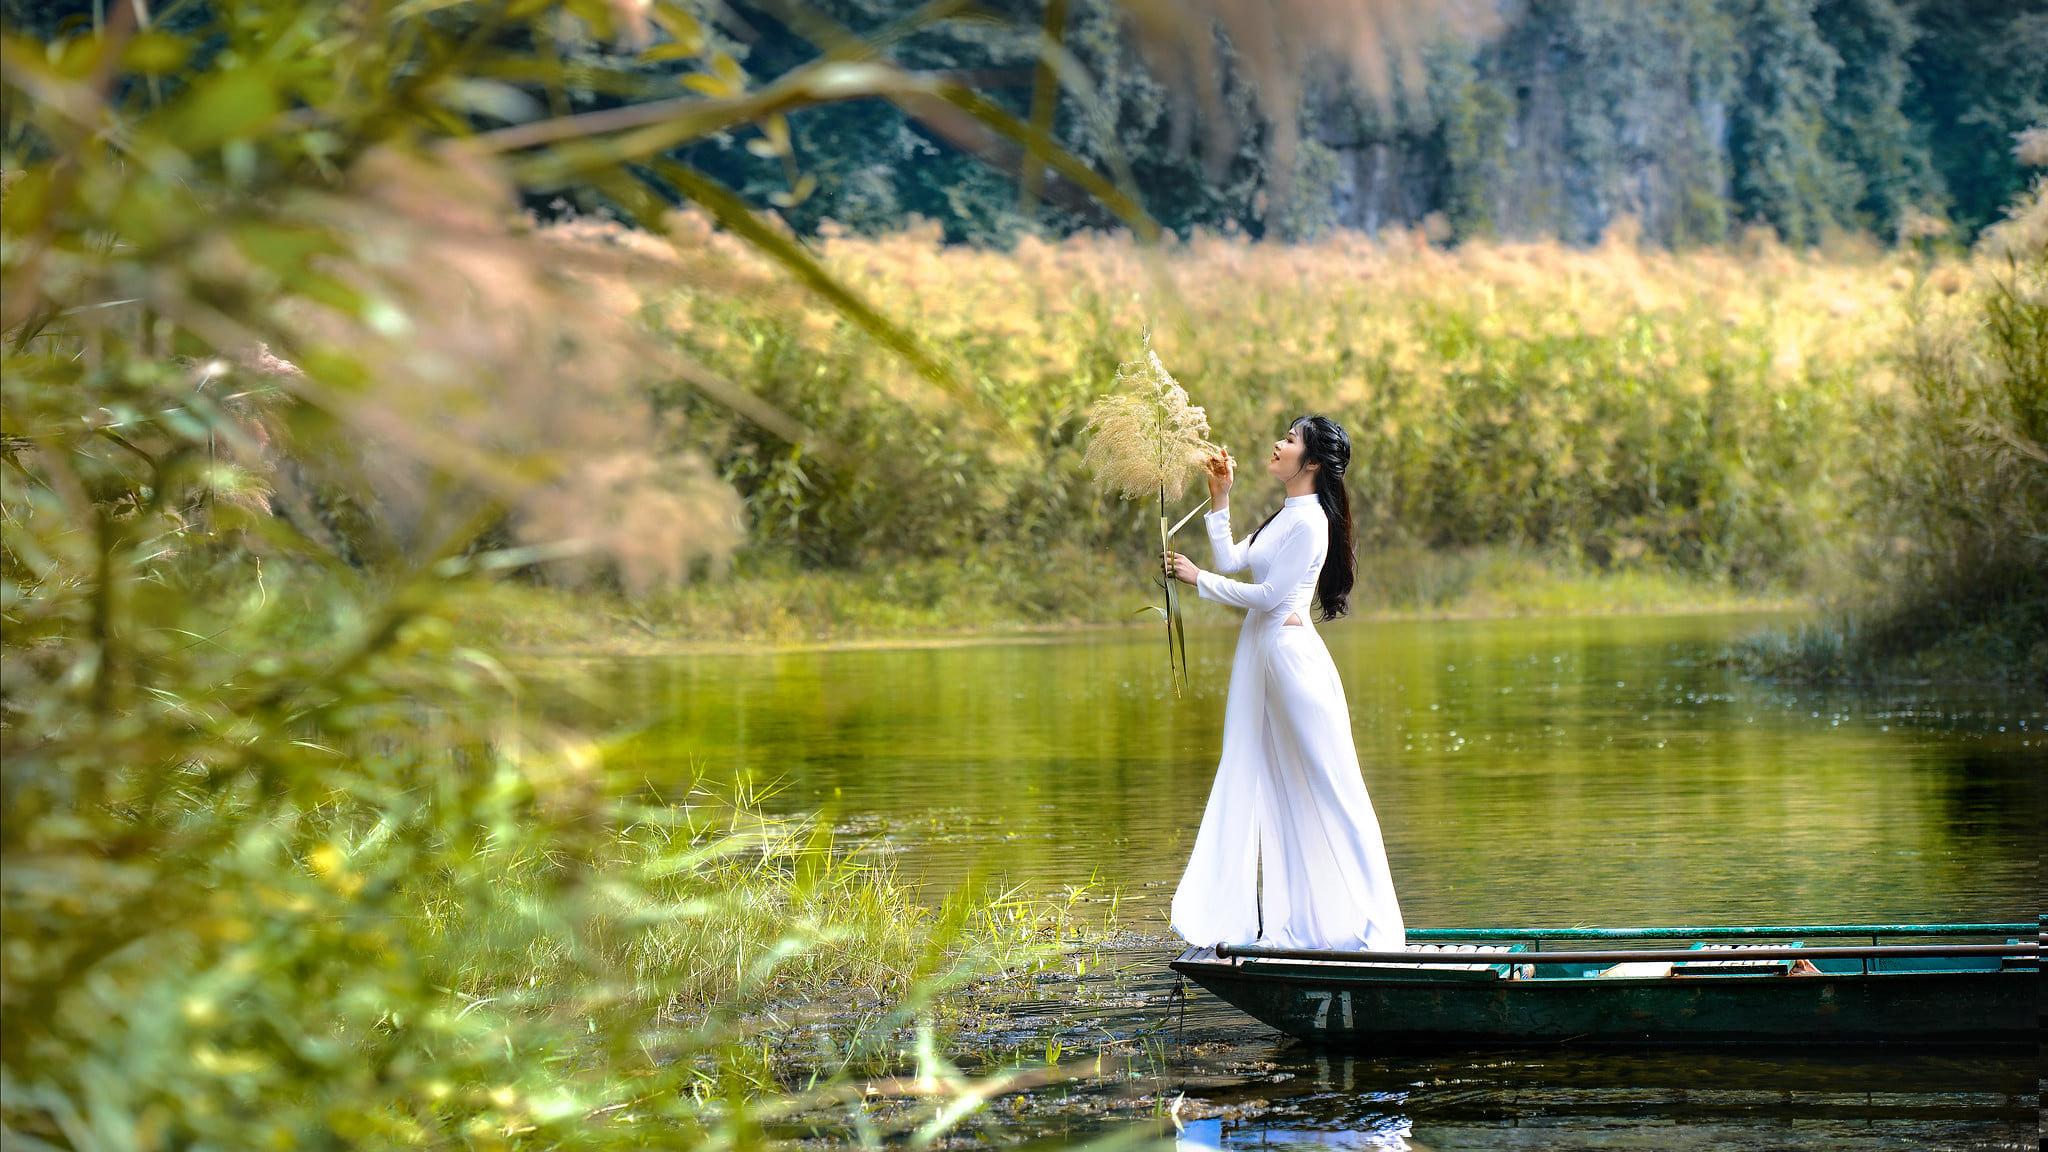 Tuyển tập girl xinh gái đẹp Việt Nam mặc áo dài đẹp mê hồn #57 - 17